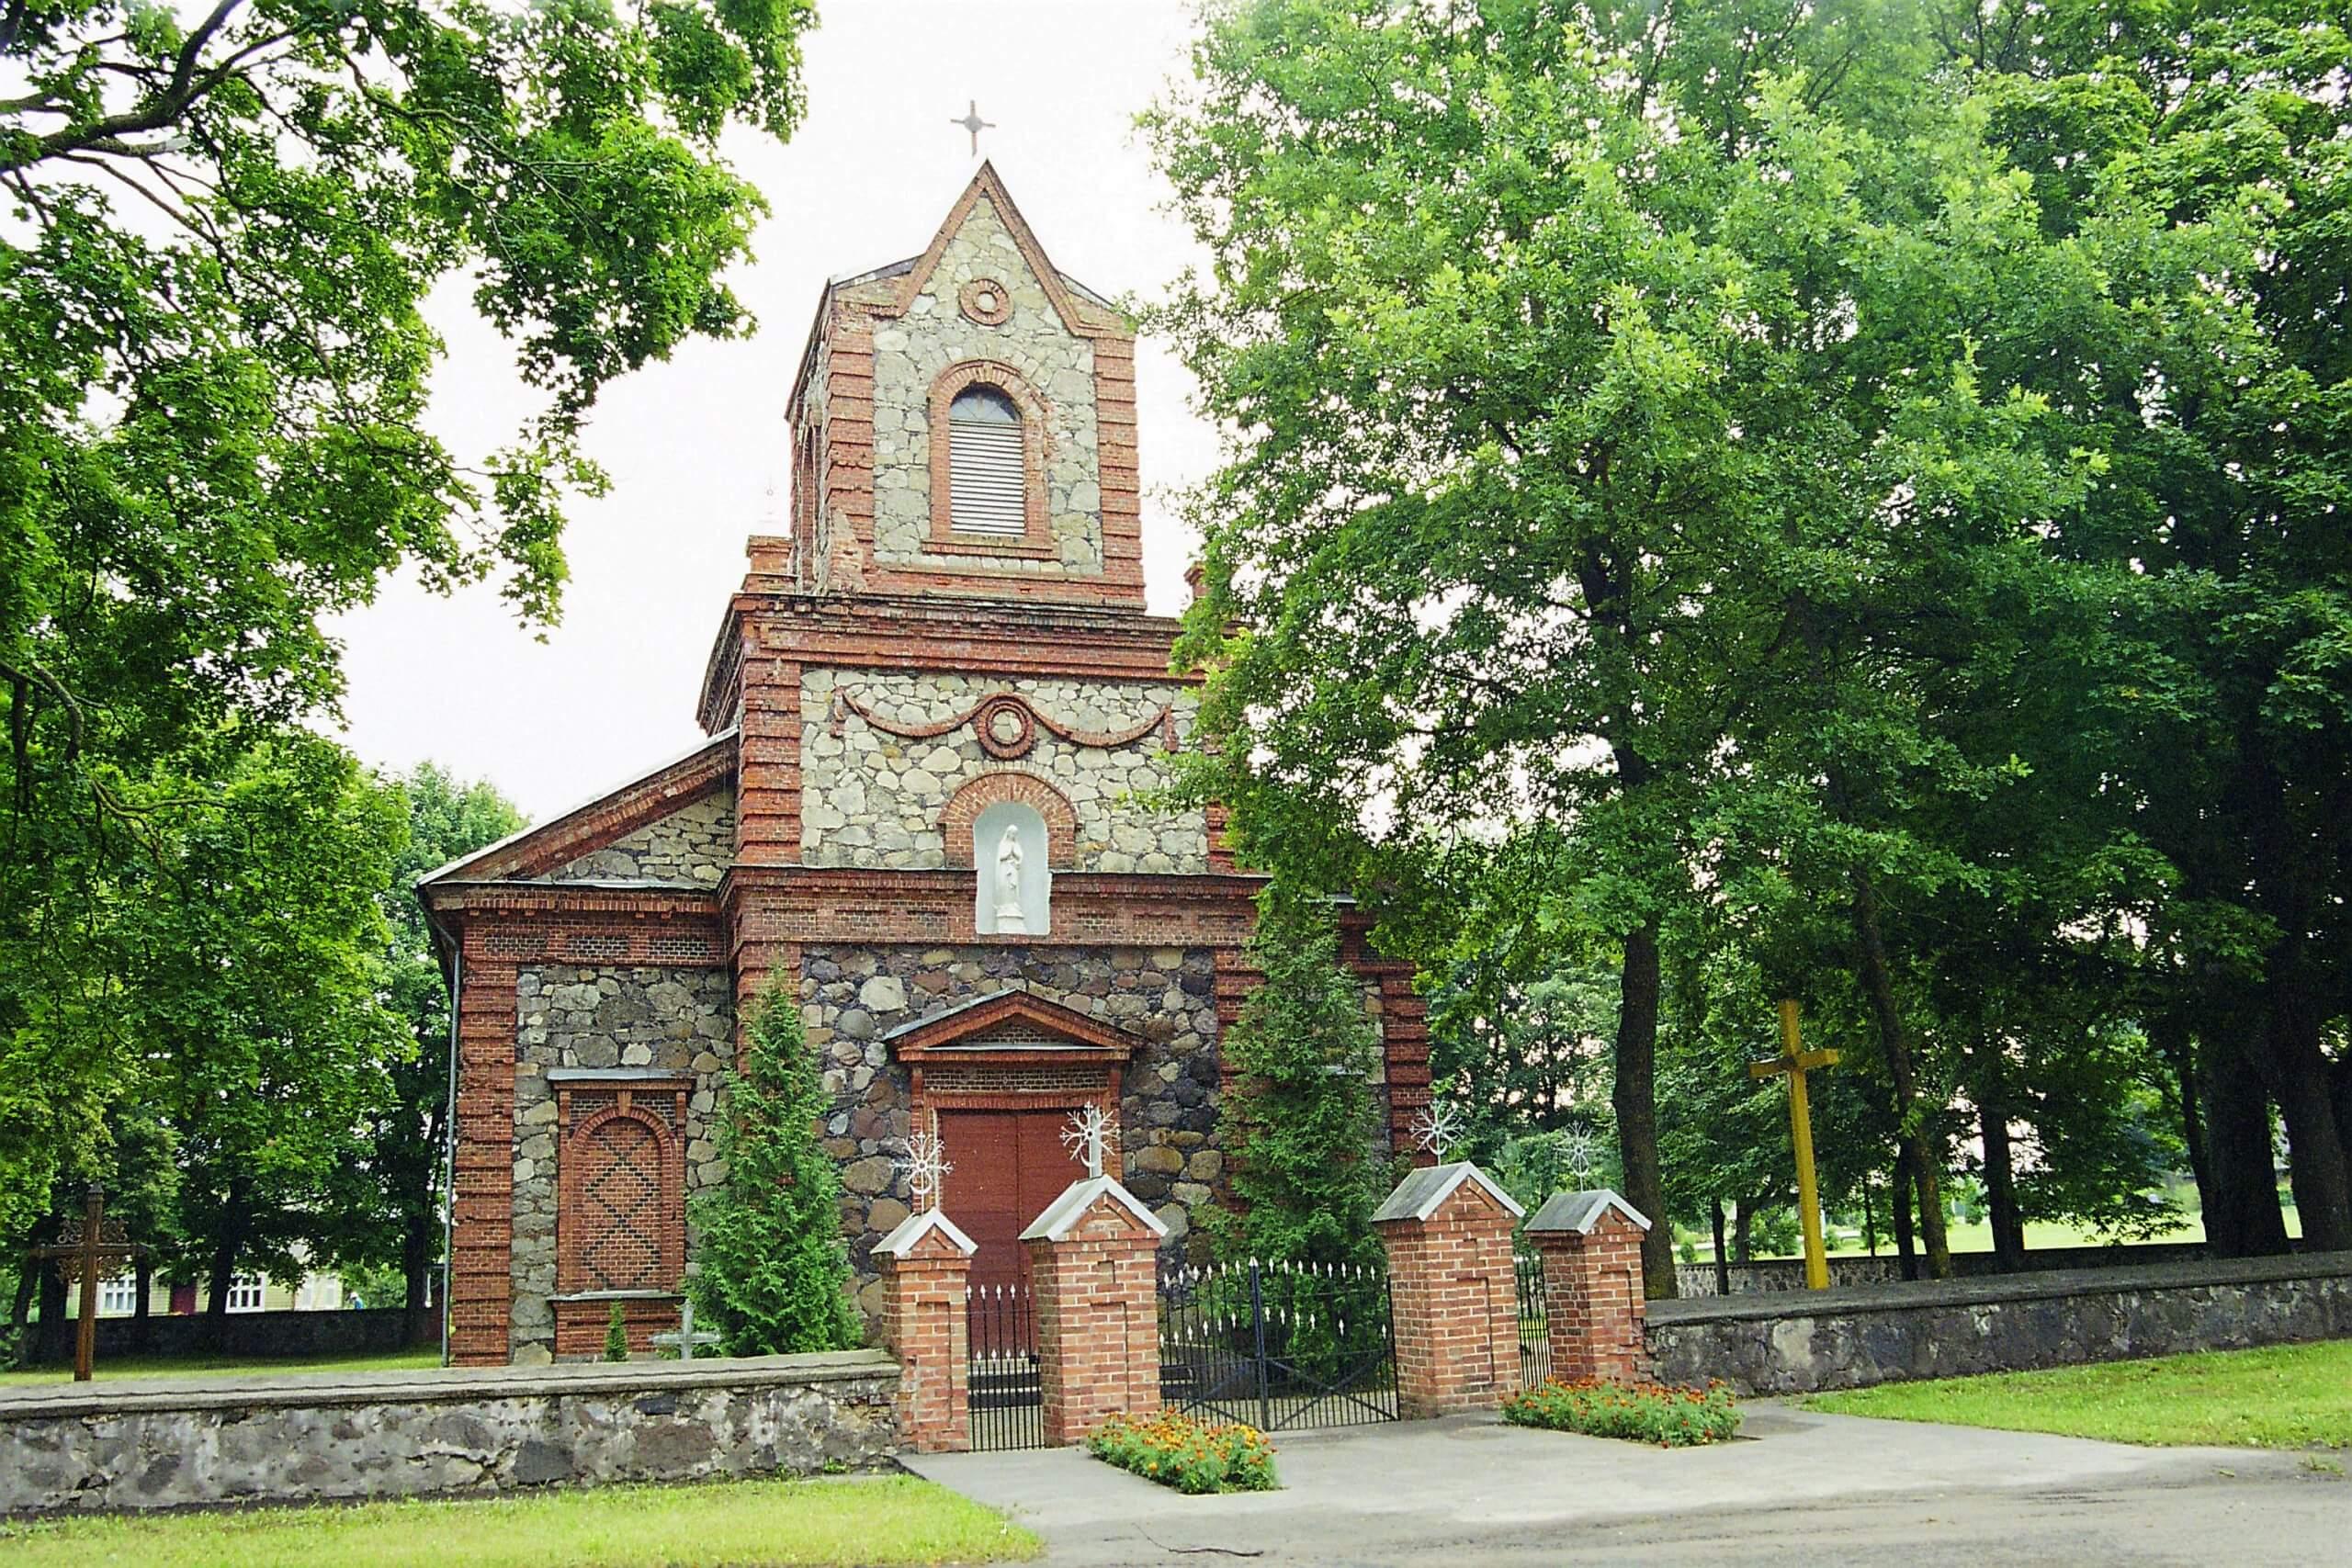 Nemunėlio Radviliškio Švč. Mergelės Marijos bažnyčia (Biržų rajonas)